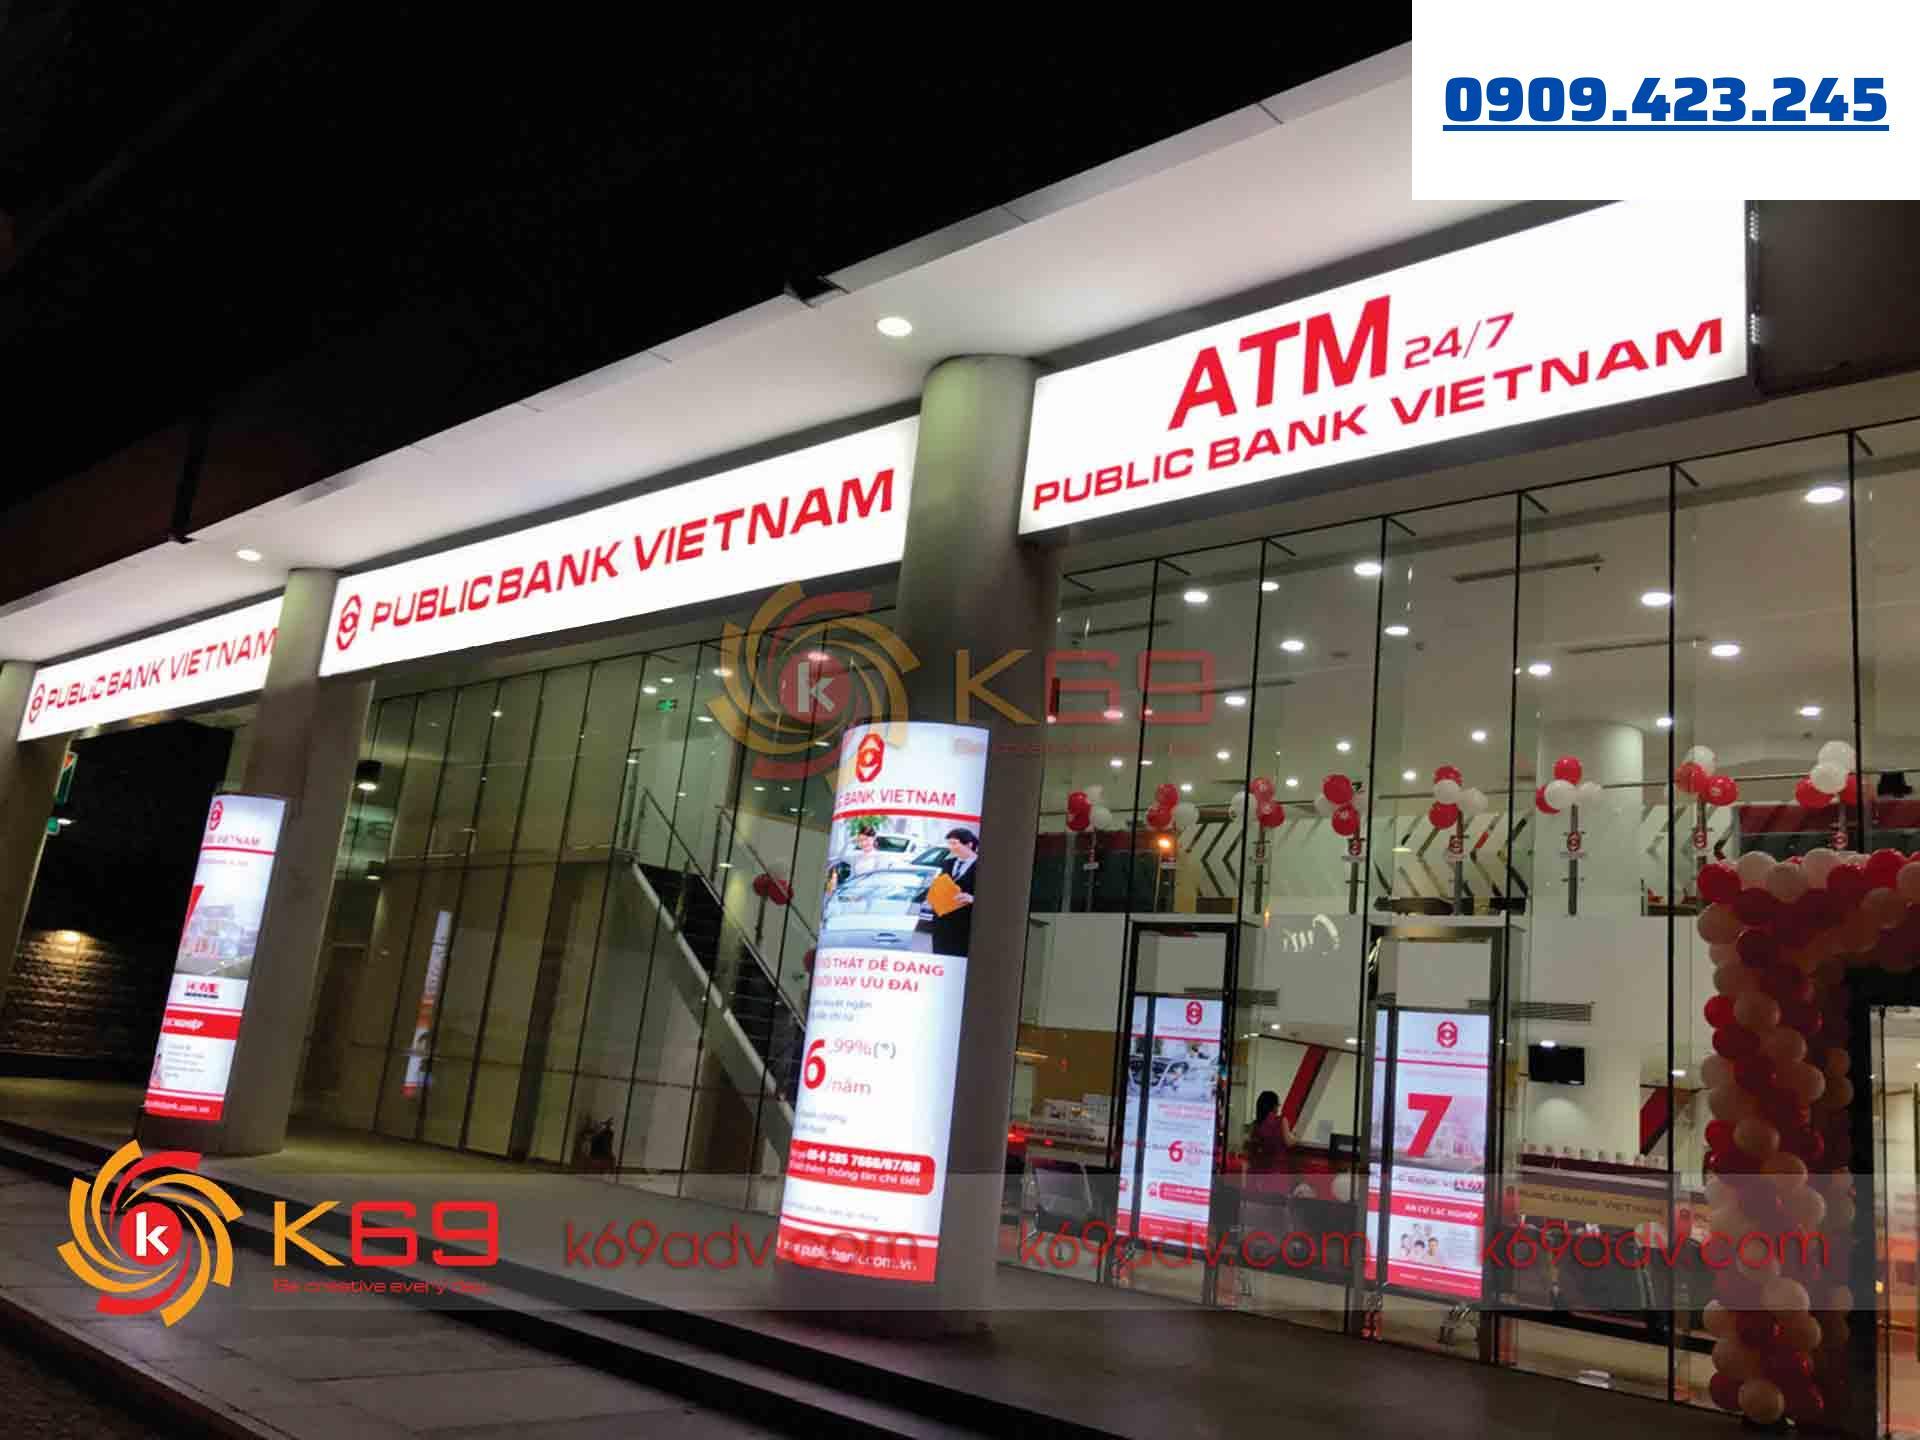 Làm bảng hiệu tại quận 7 ngân hàng public bank việt nam tại K69adv